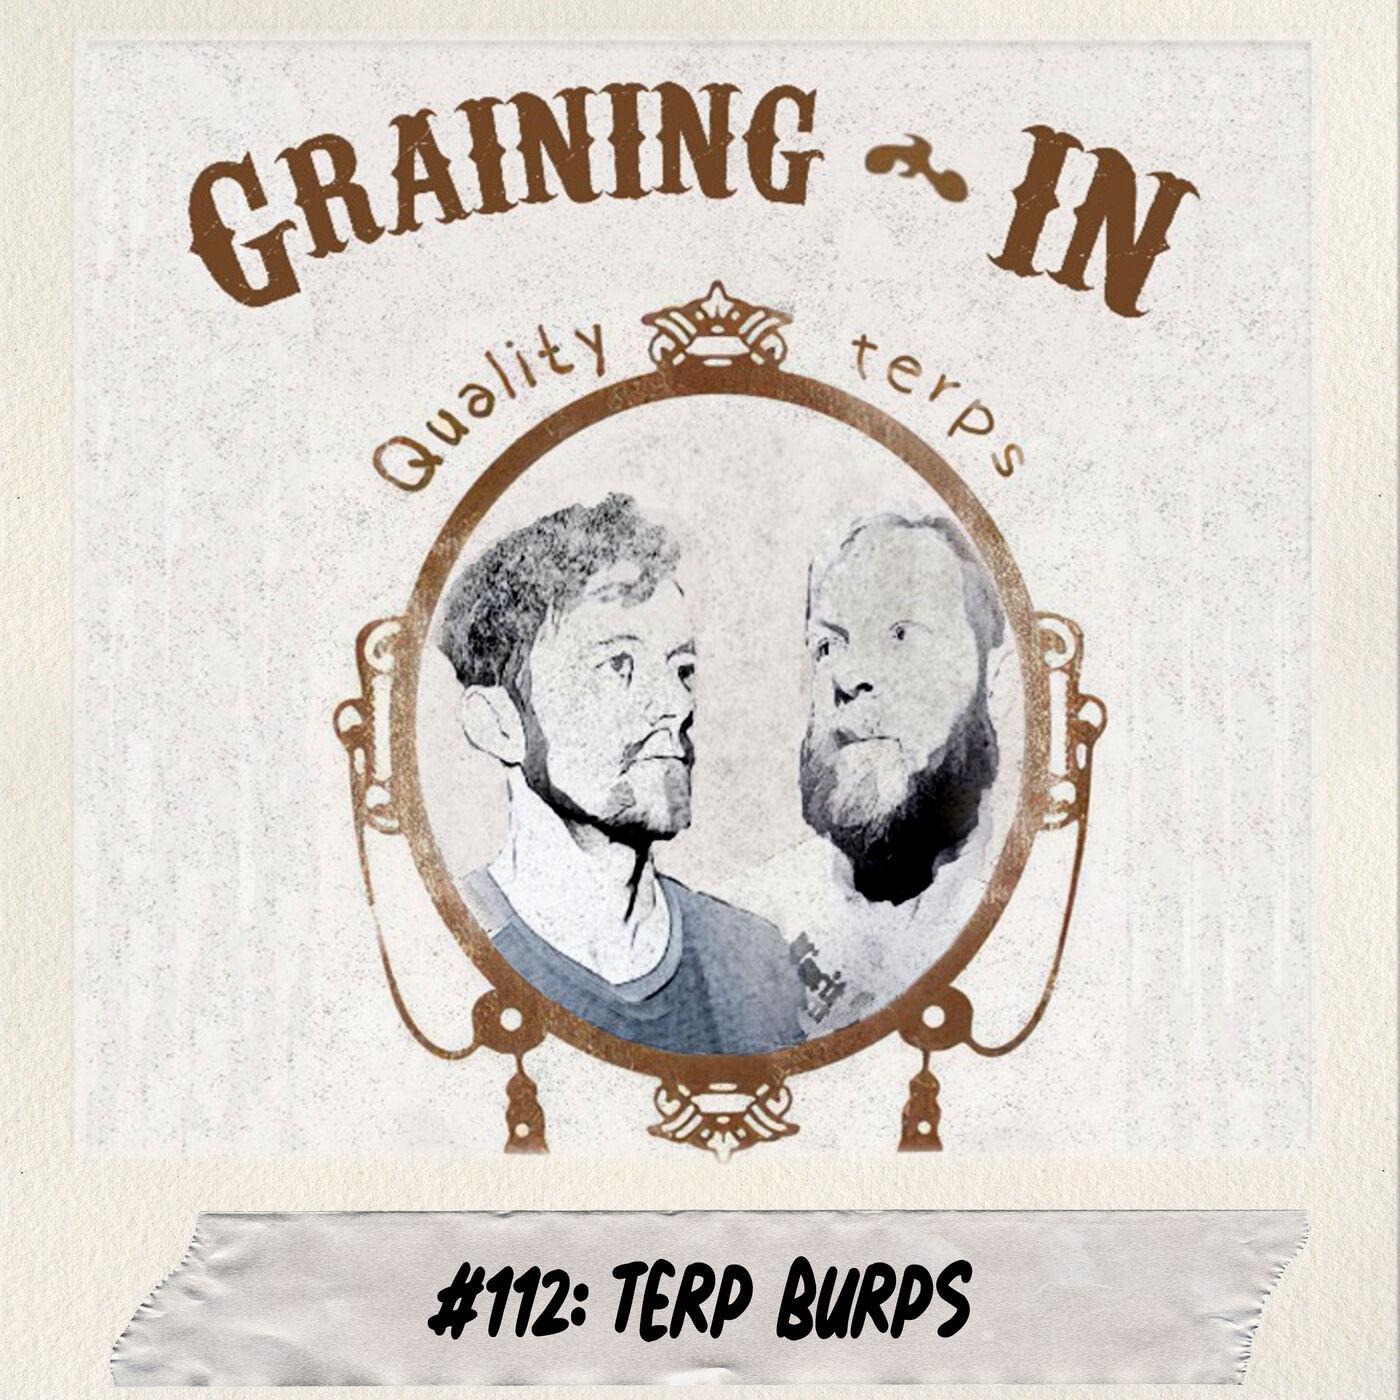 #112: Terp Burps